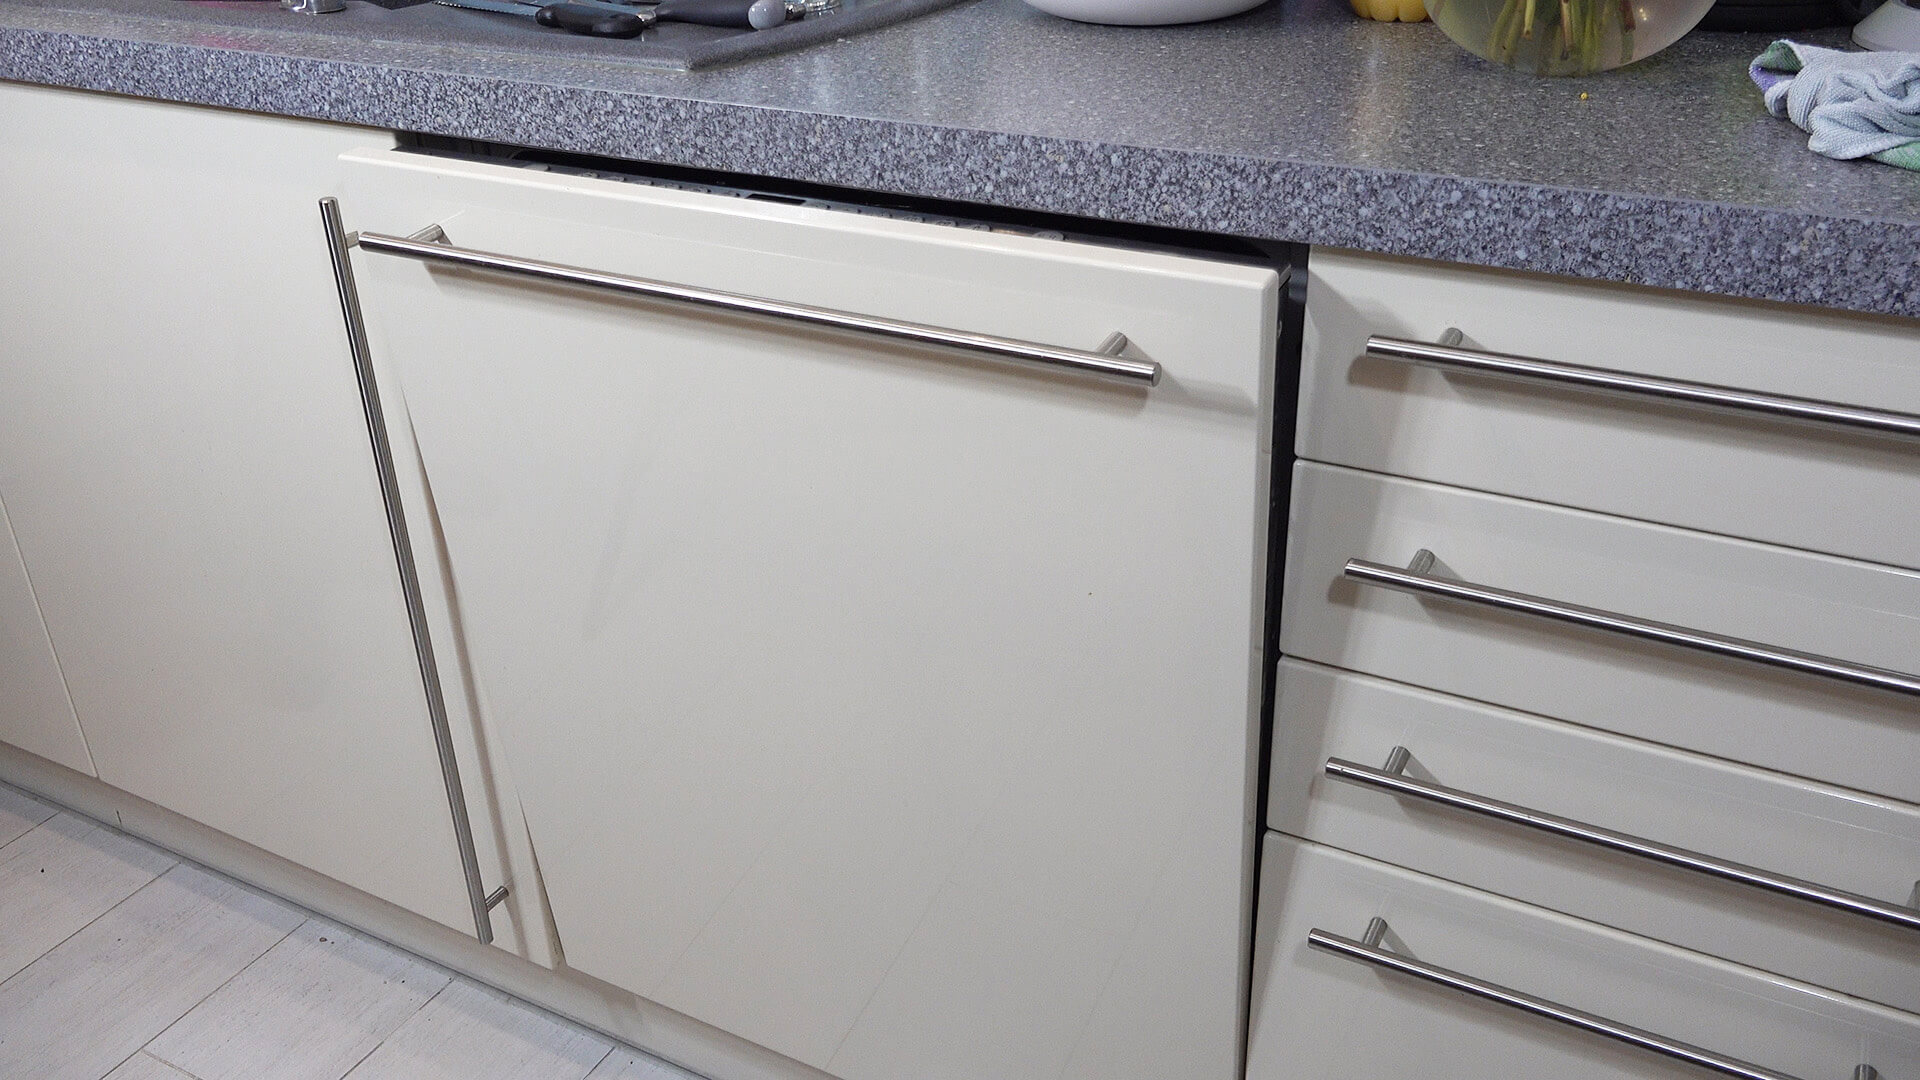 Geschirrspüler nach dem Waschen einen Spalt öffnen